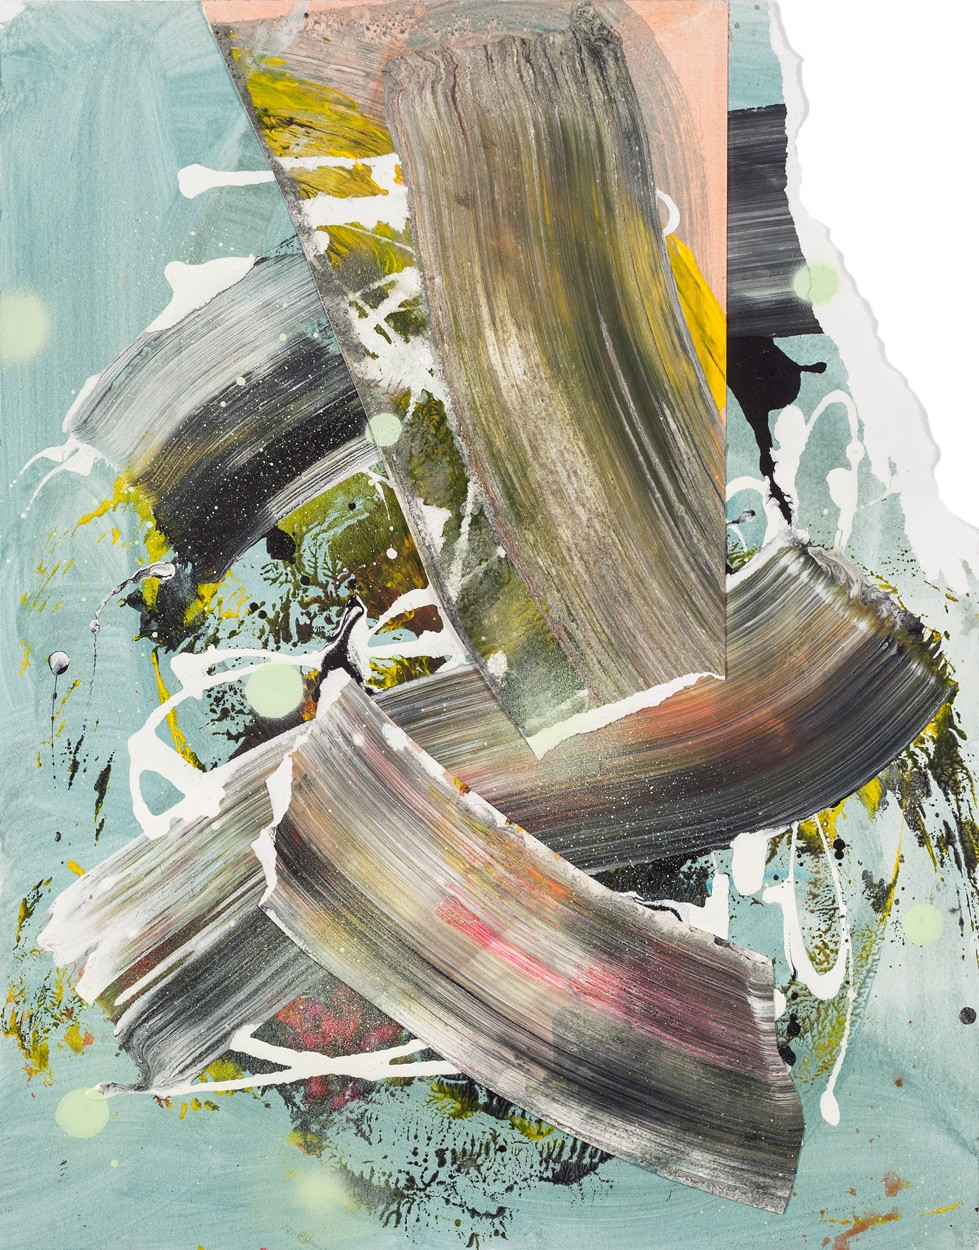 Malerei Zwischenräume_6.1 | Künstler Malwin Faber